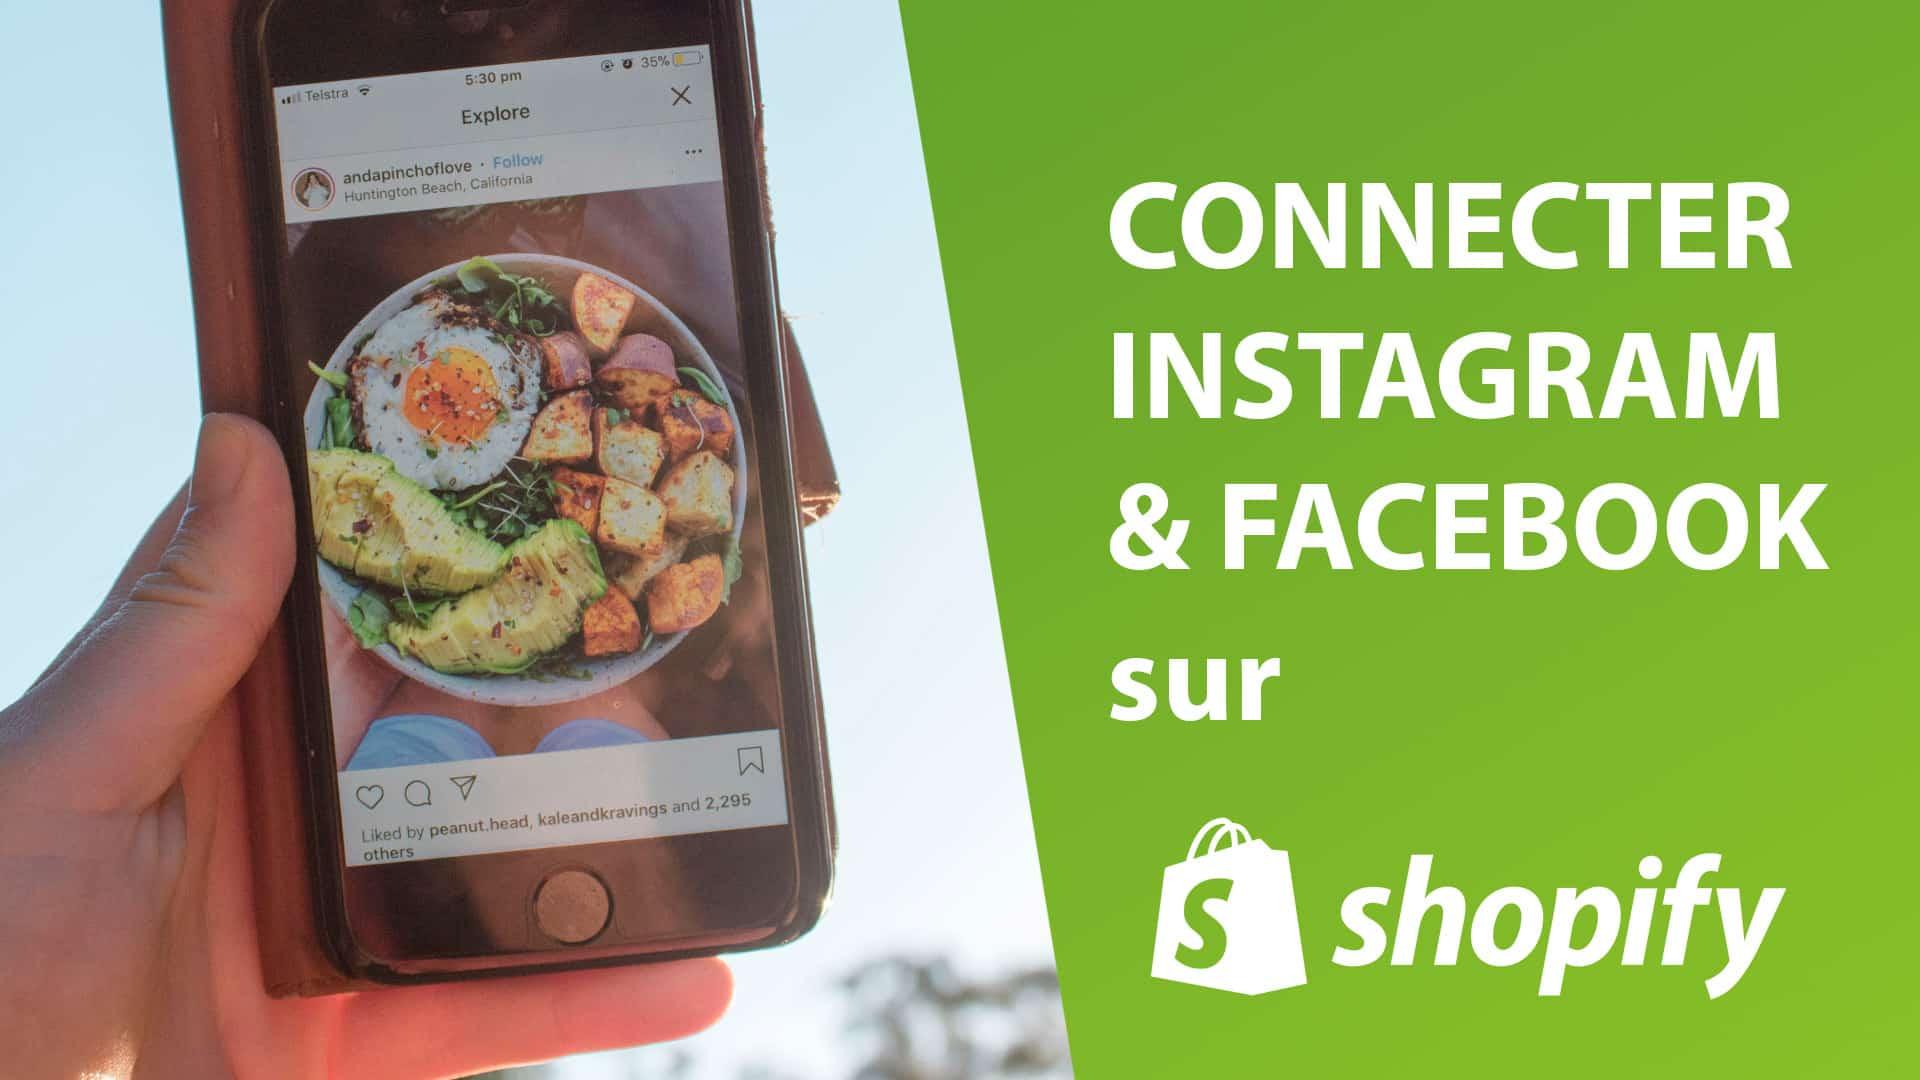 Comment connecter instagram et facebook sur shopify ?